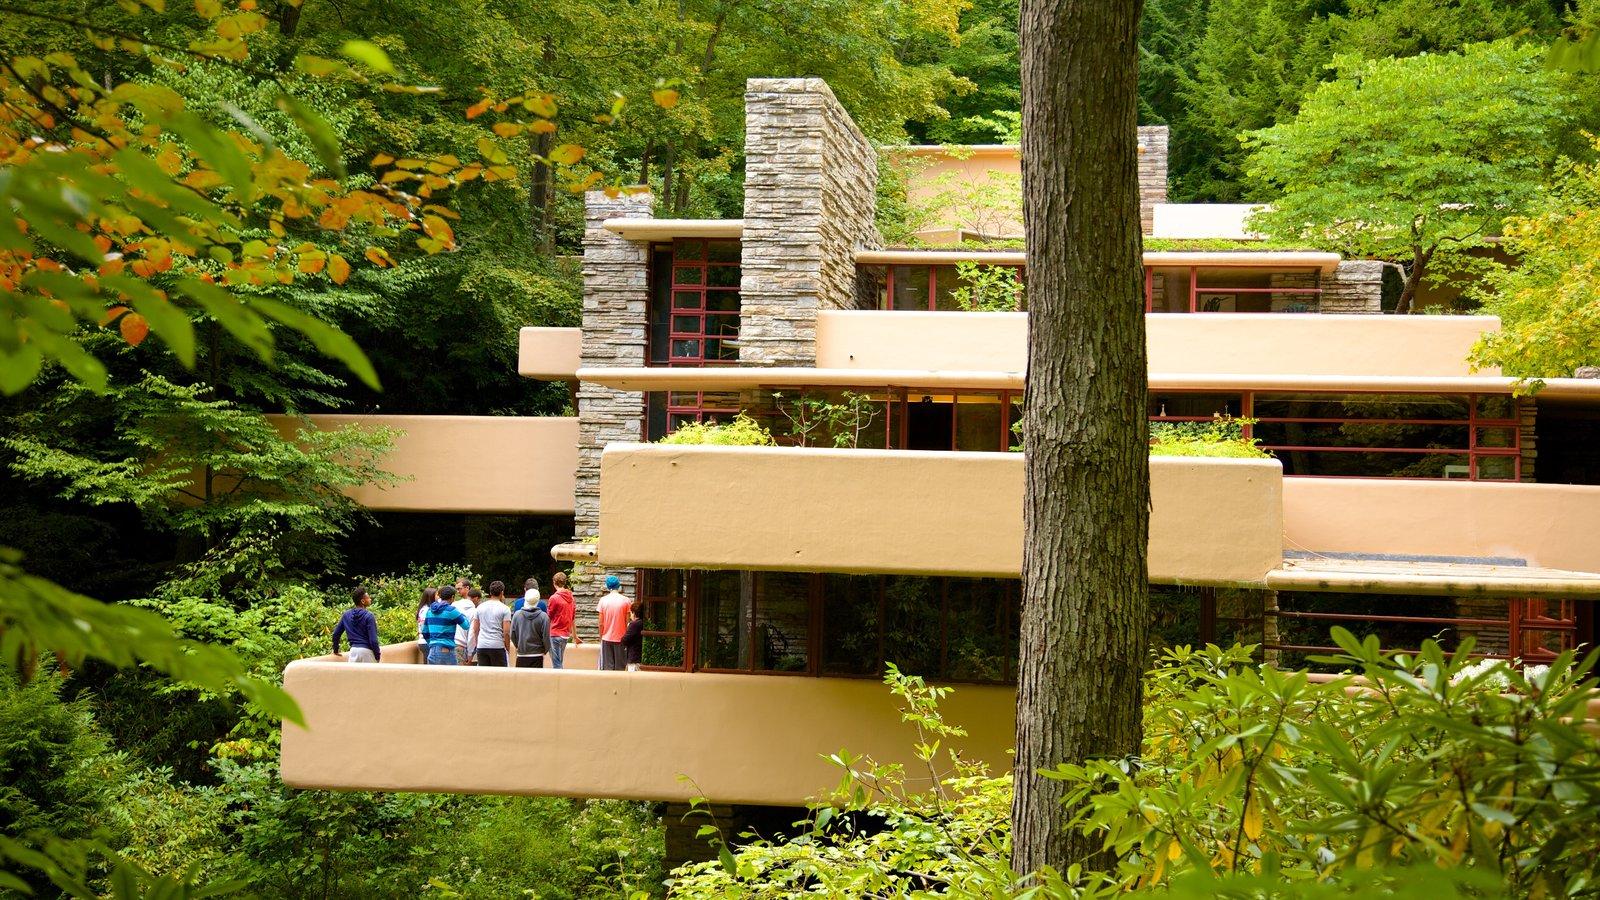 Fallingwater mostrando arquitetura moderna e floresta tropical assim como um pequeno grupo de pessoas